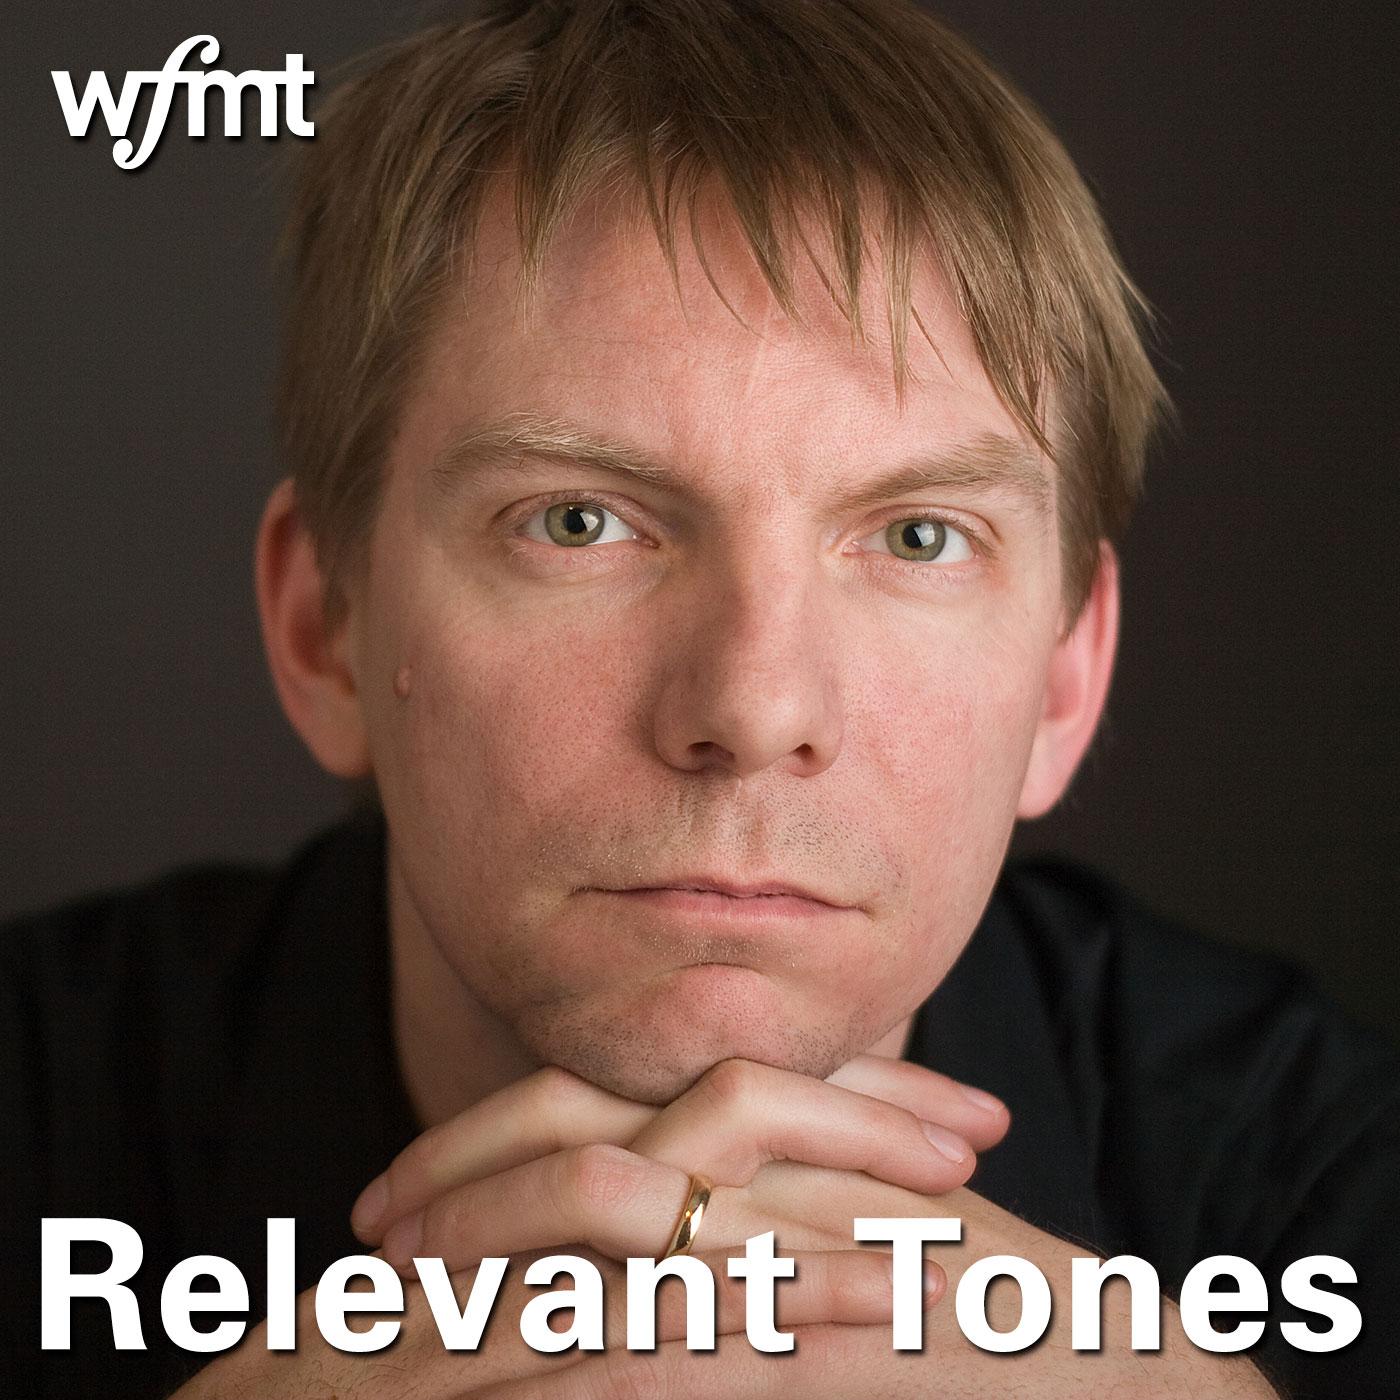 Relevant Tones podcast